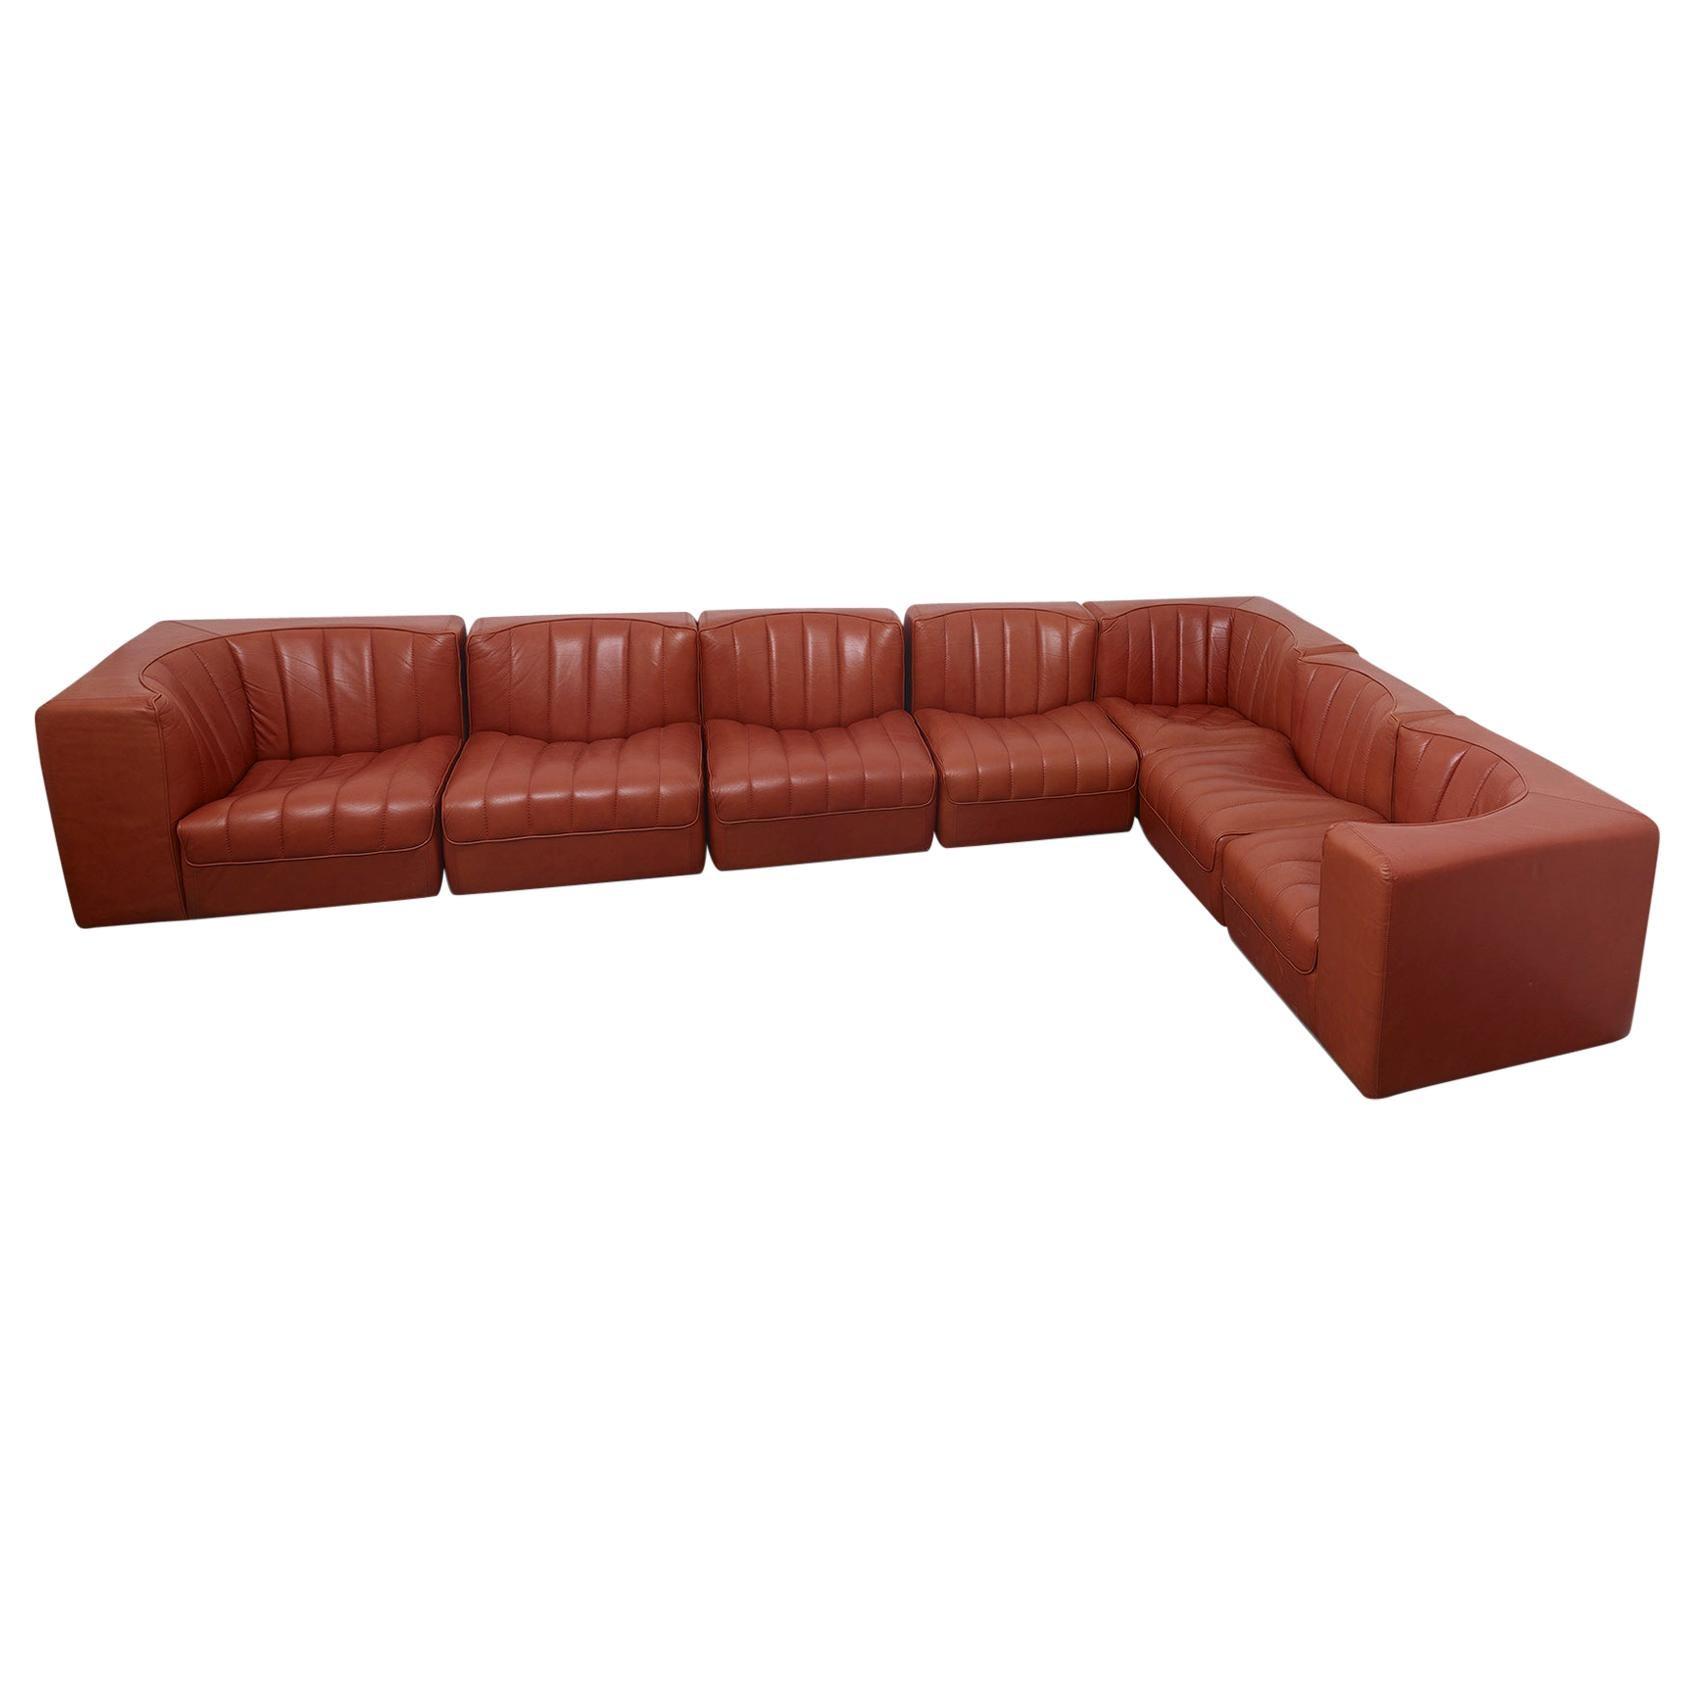 Novemila Leather Sofa by Tito Agnoli, Arflex, Italy, 1969